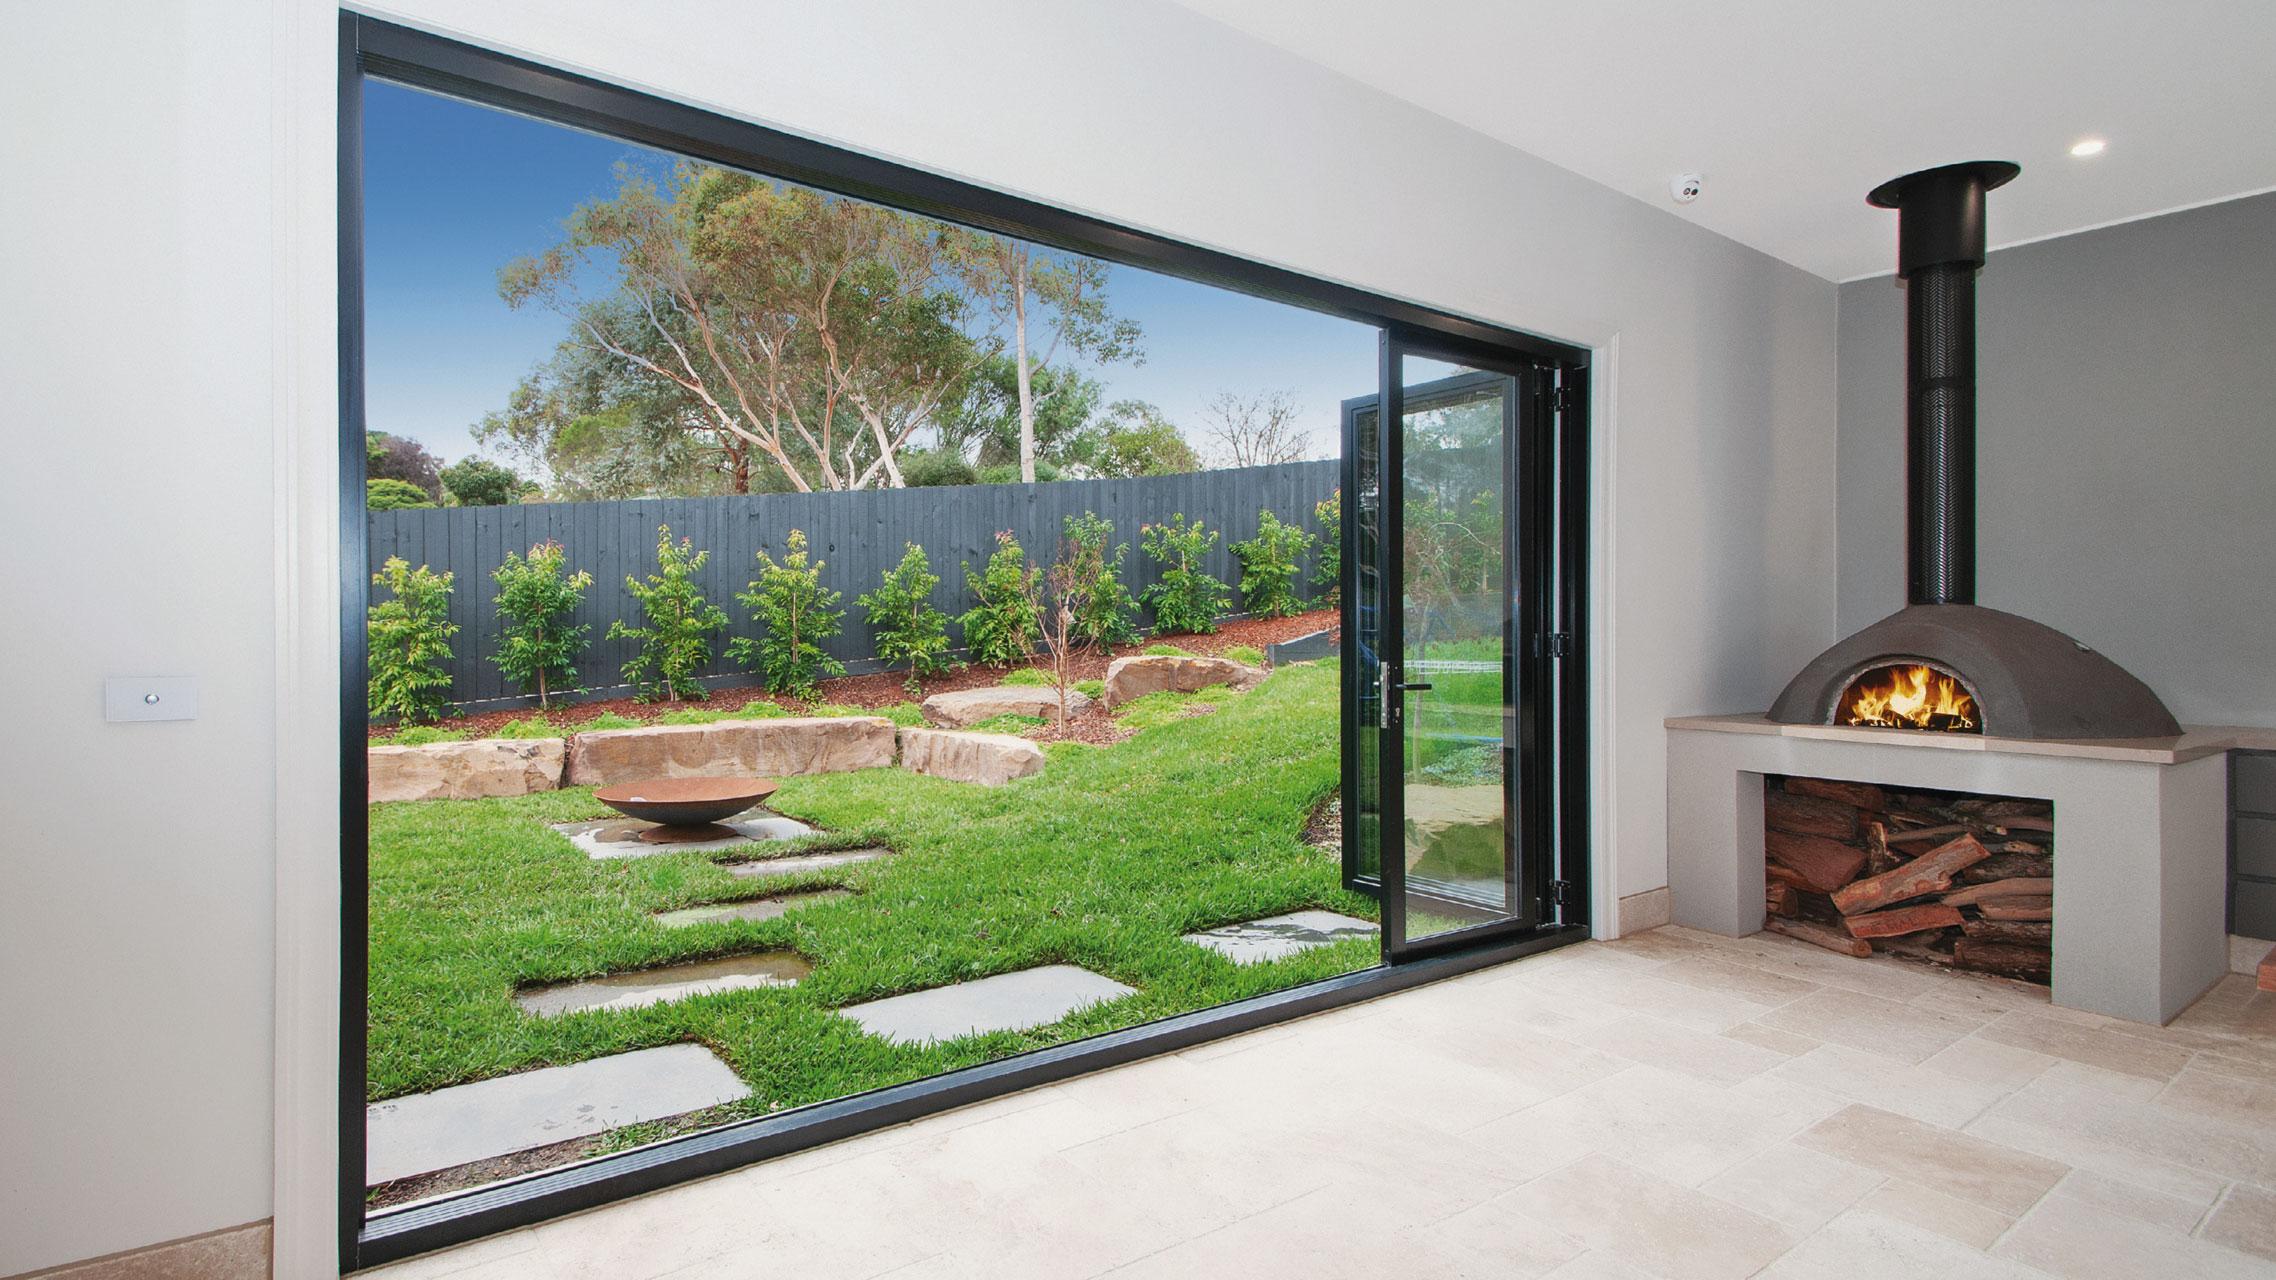 Black Aluminium Bi fold Doors opening to a landscape yard